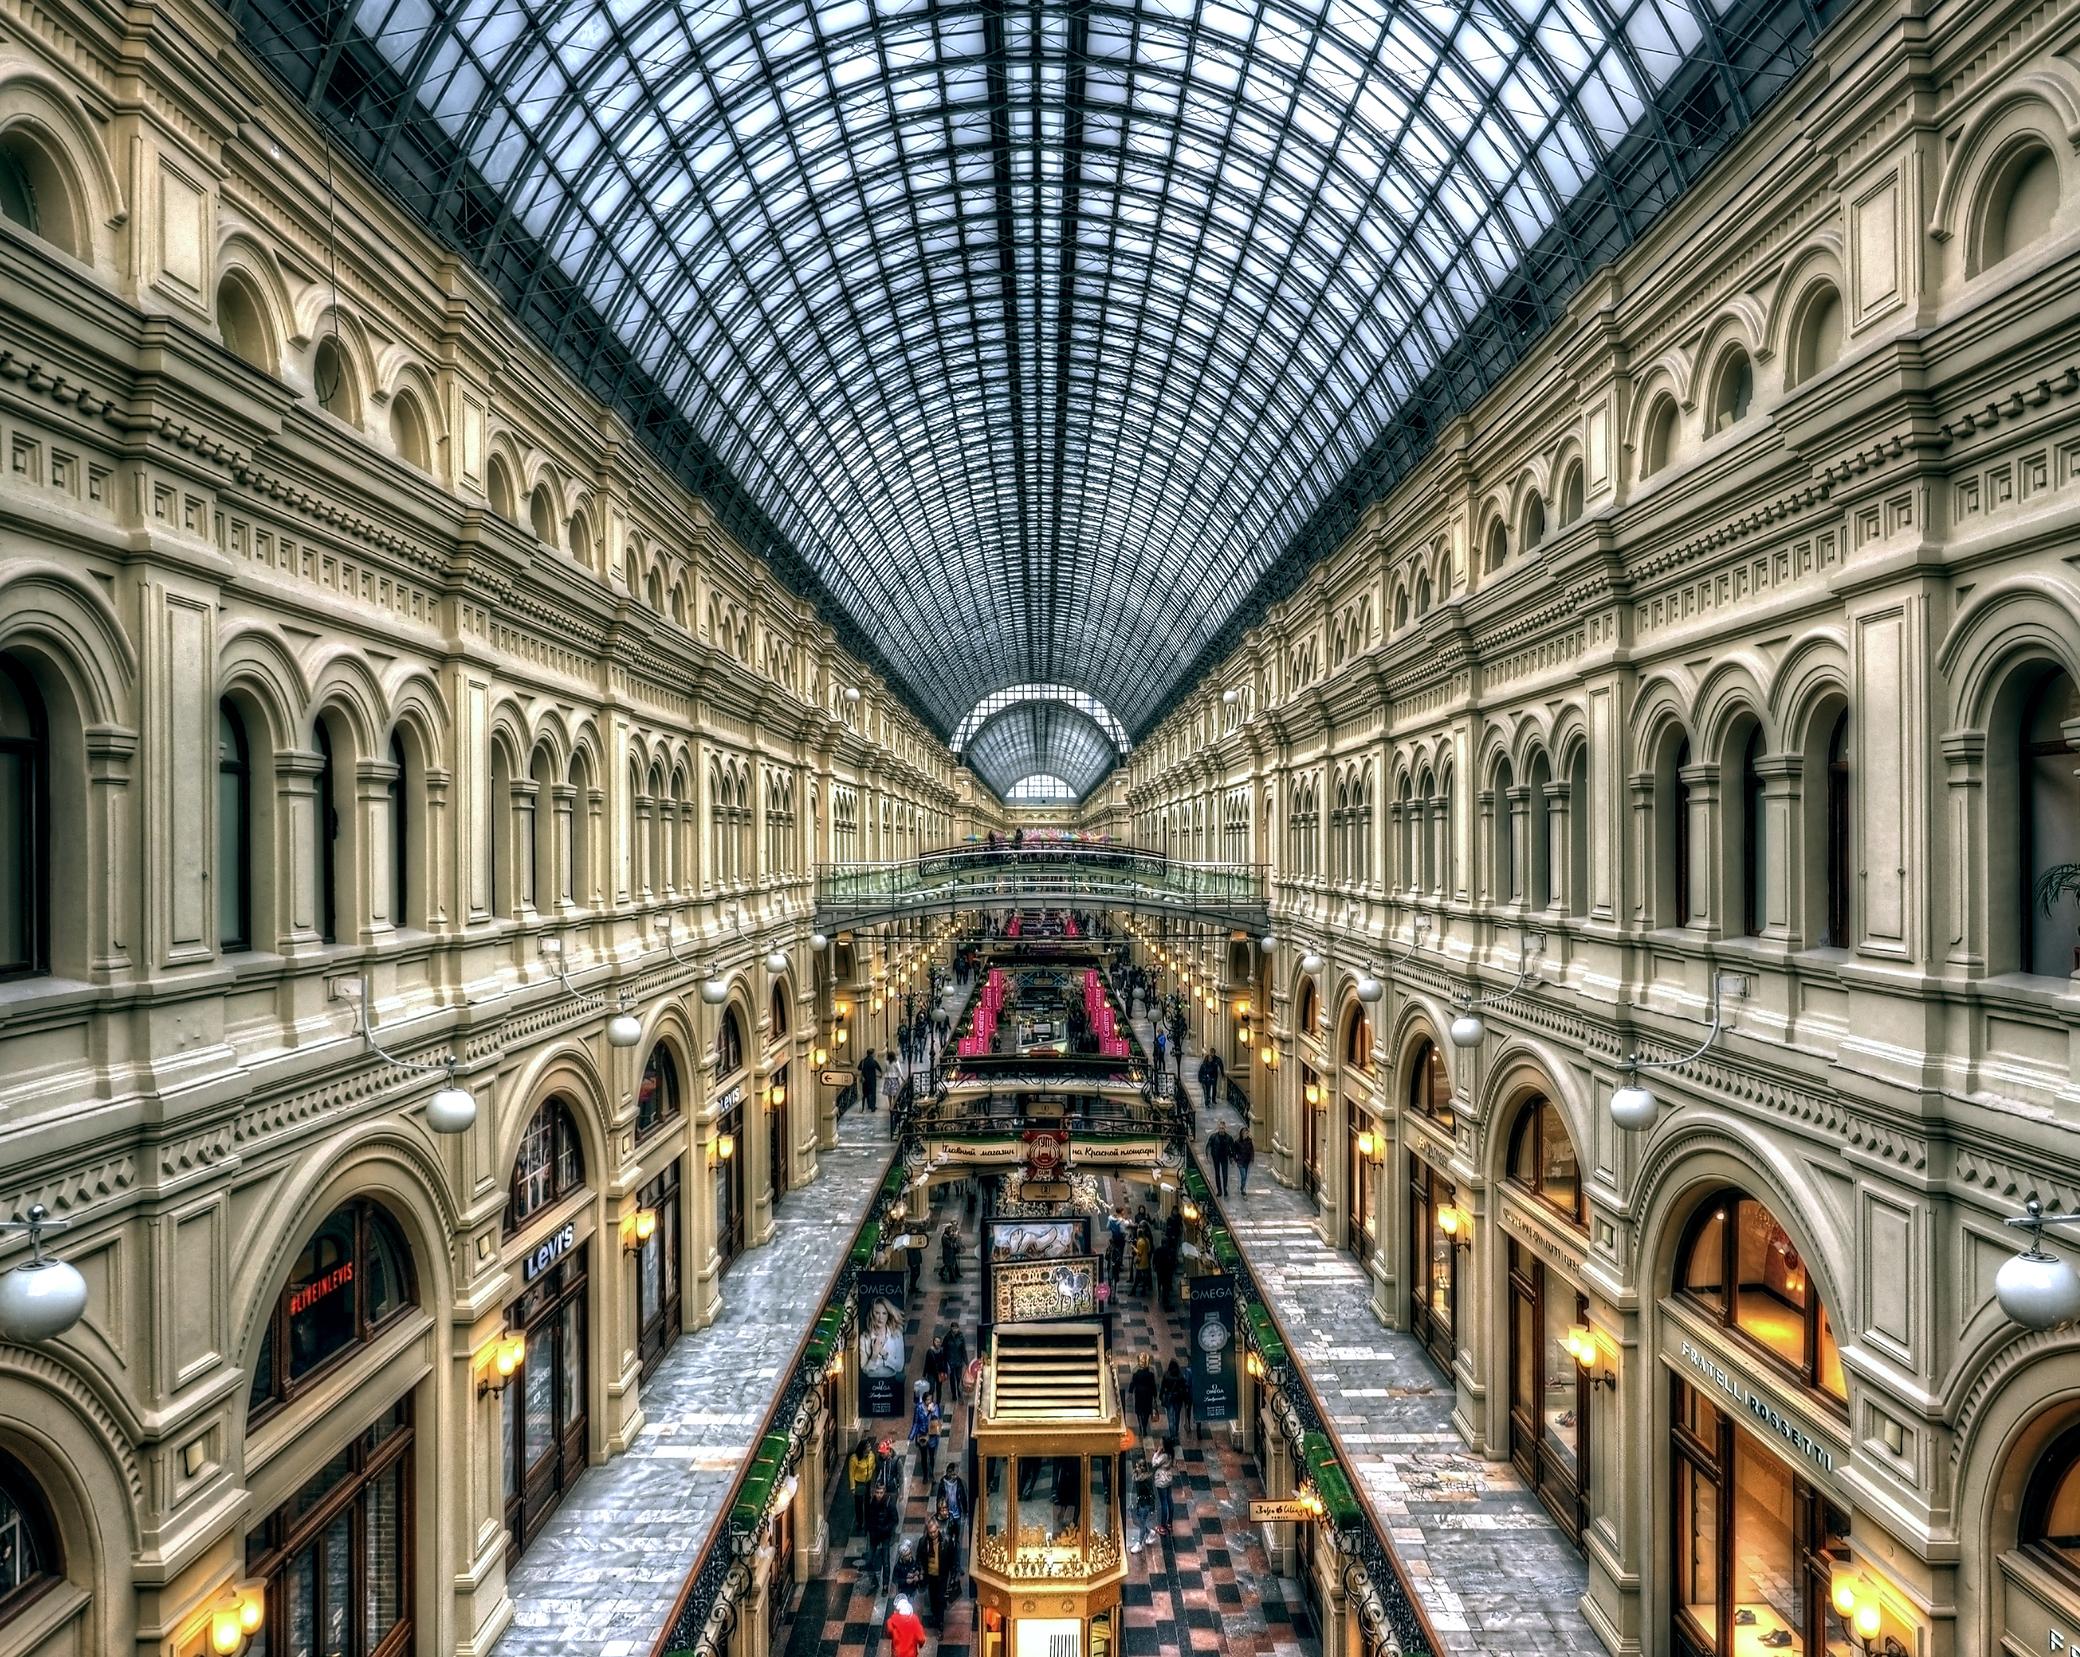 TSUM mall in Russia Piazza Rossa abbigliamento fashion lusso